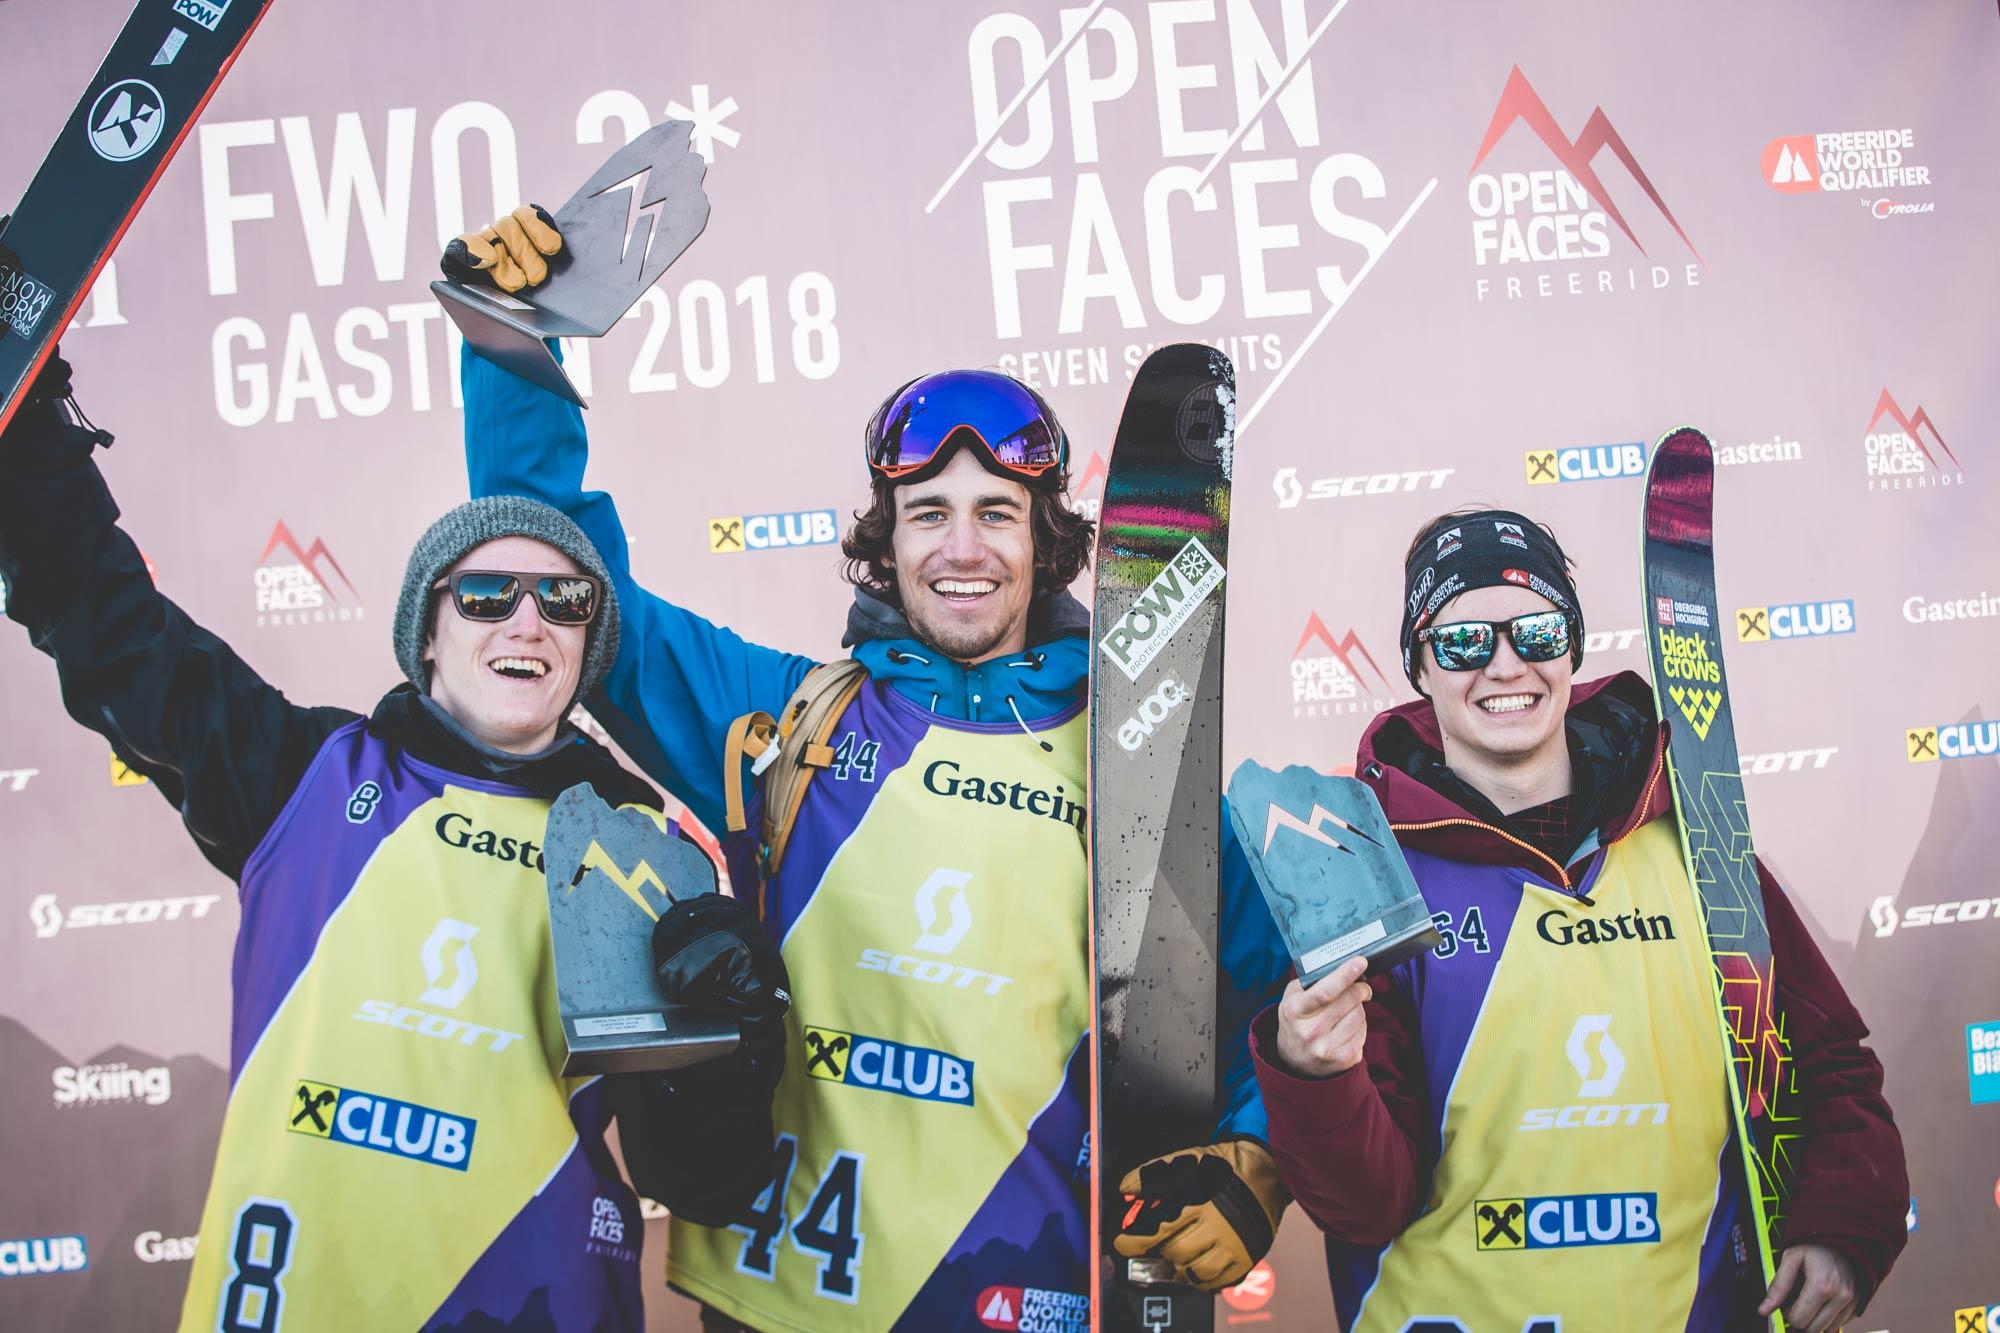 Die Top drei Männer beim Open Faces Freeride Contest in Gastein (2018): Valentin Werner-Tutschkud, Sebastian Hiersche und Andreas Neurauter - Foto: Open Faces / M. Knoll